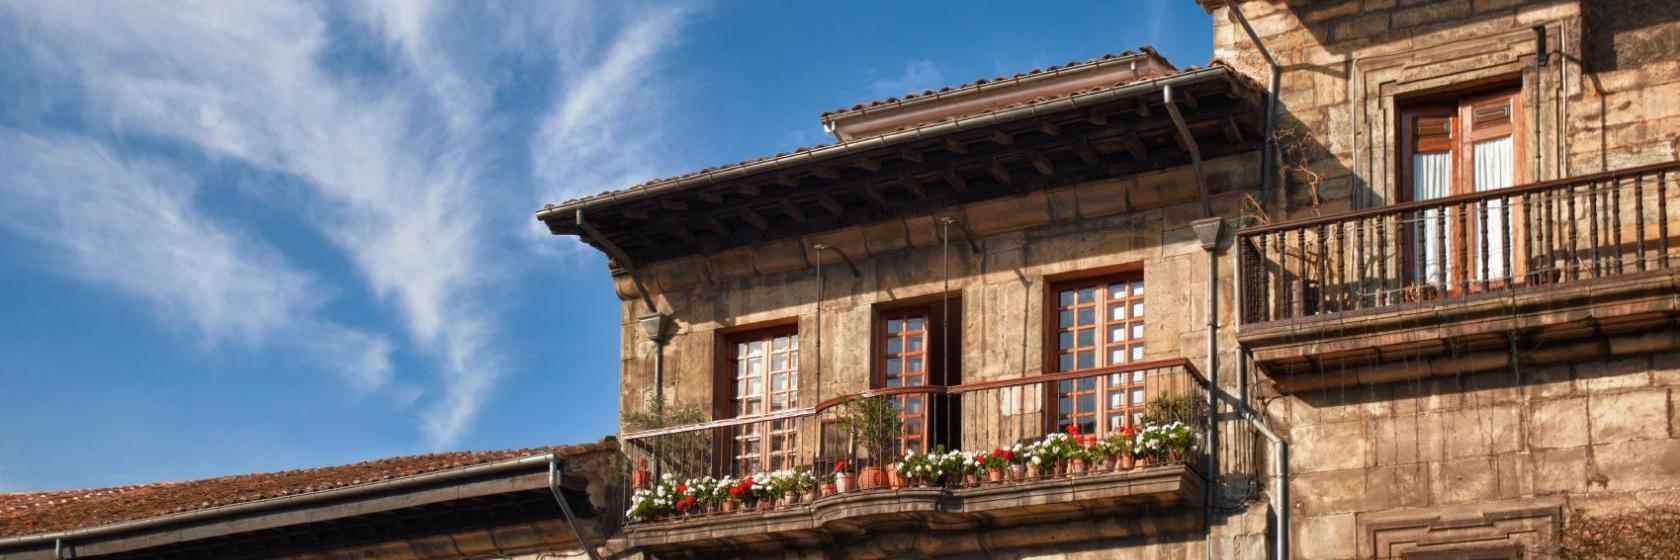 Mejores hoteles y hospedajes cerca de Lugones, España